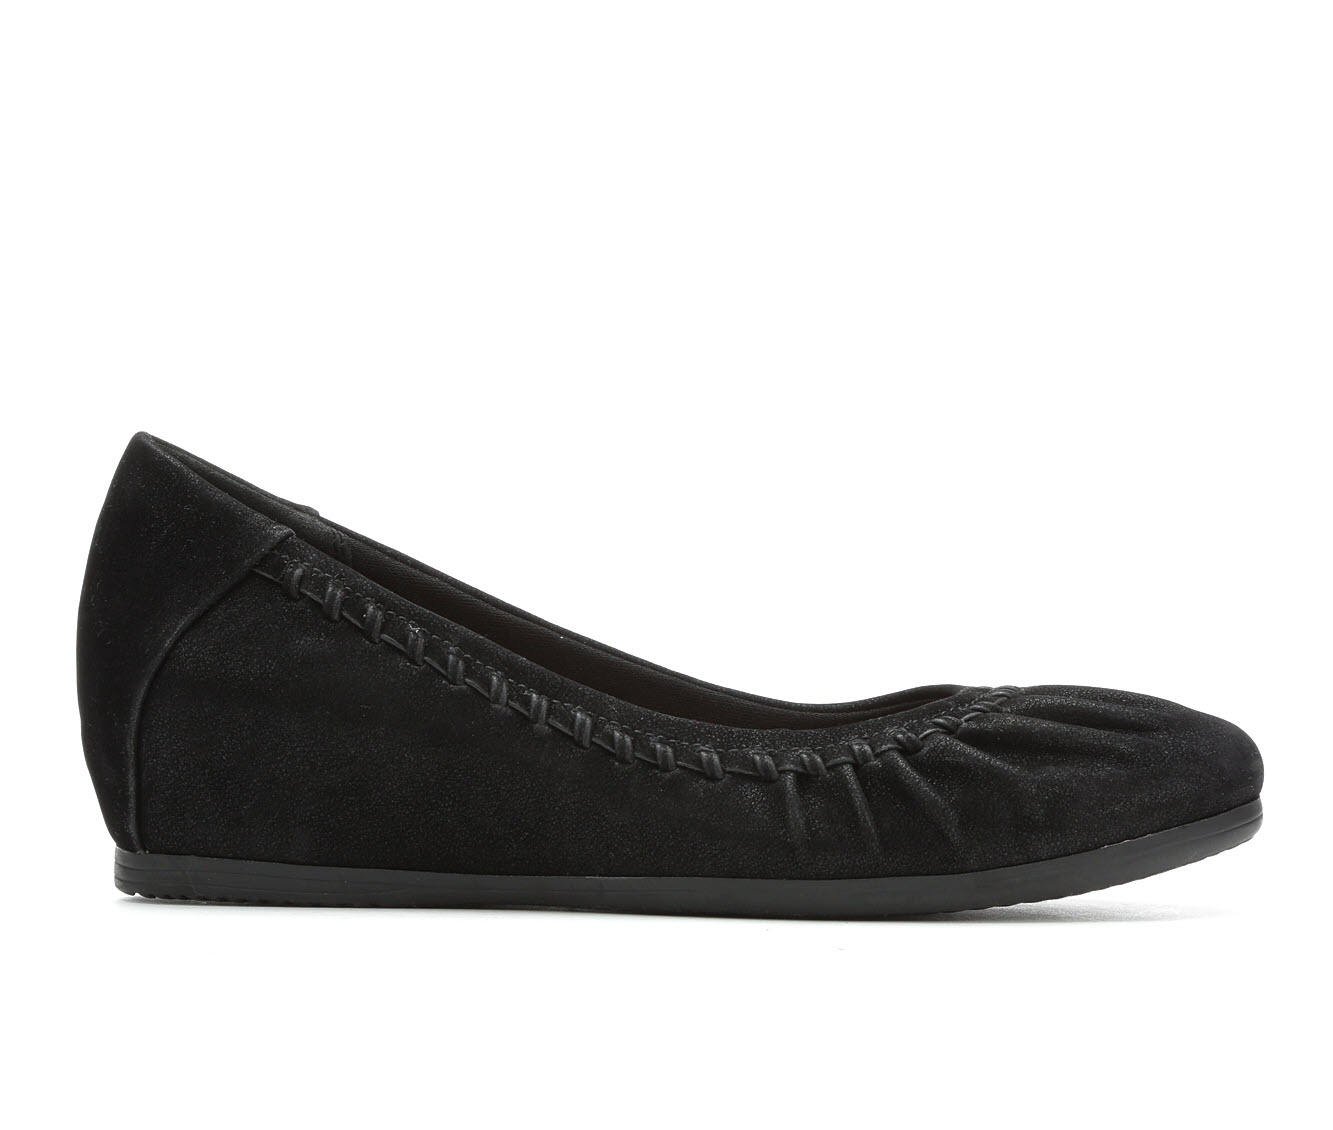 Baretraps Norma Women's Shoe (Black Faux Leather)